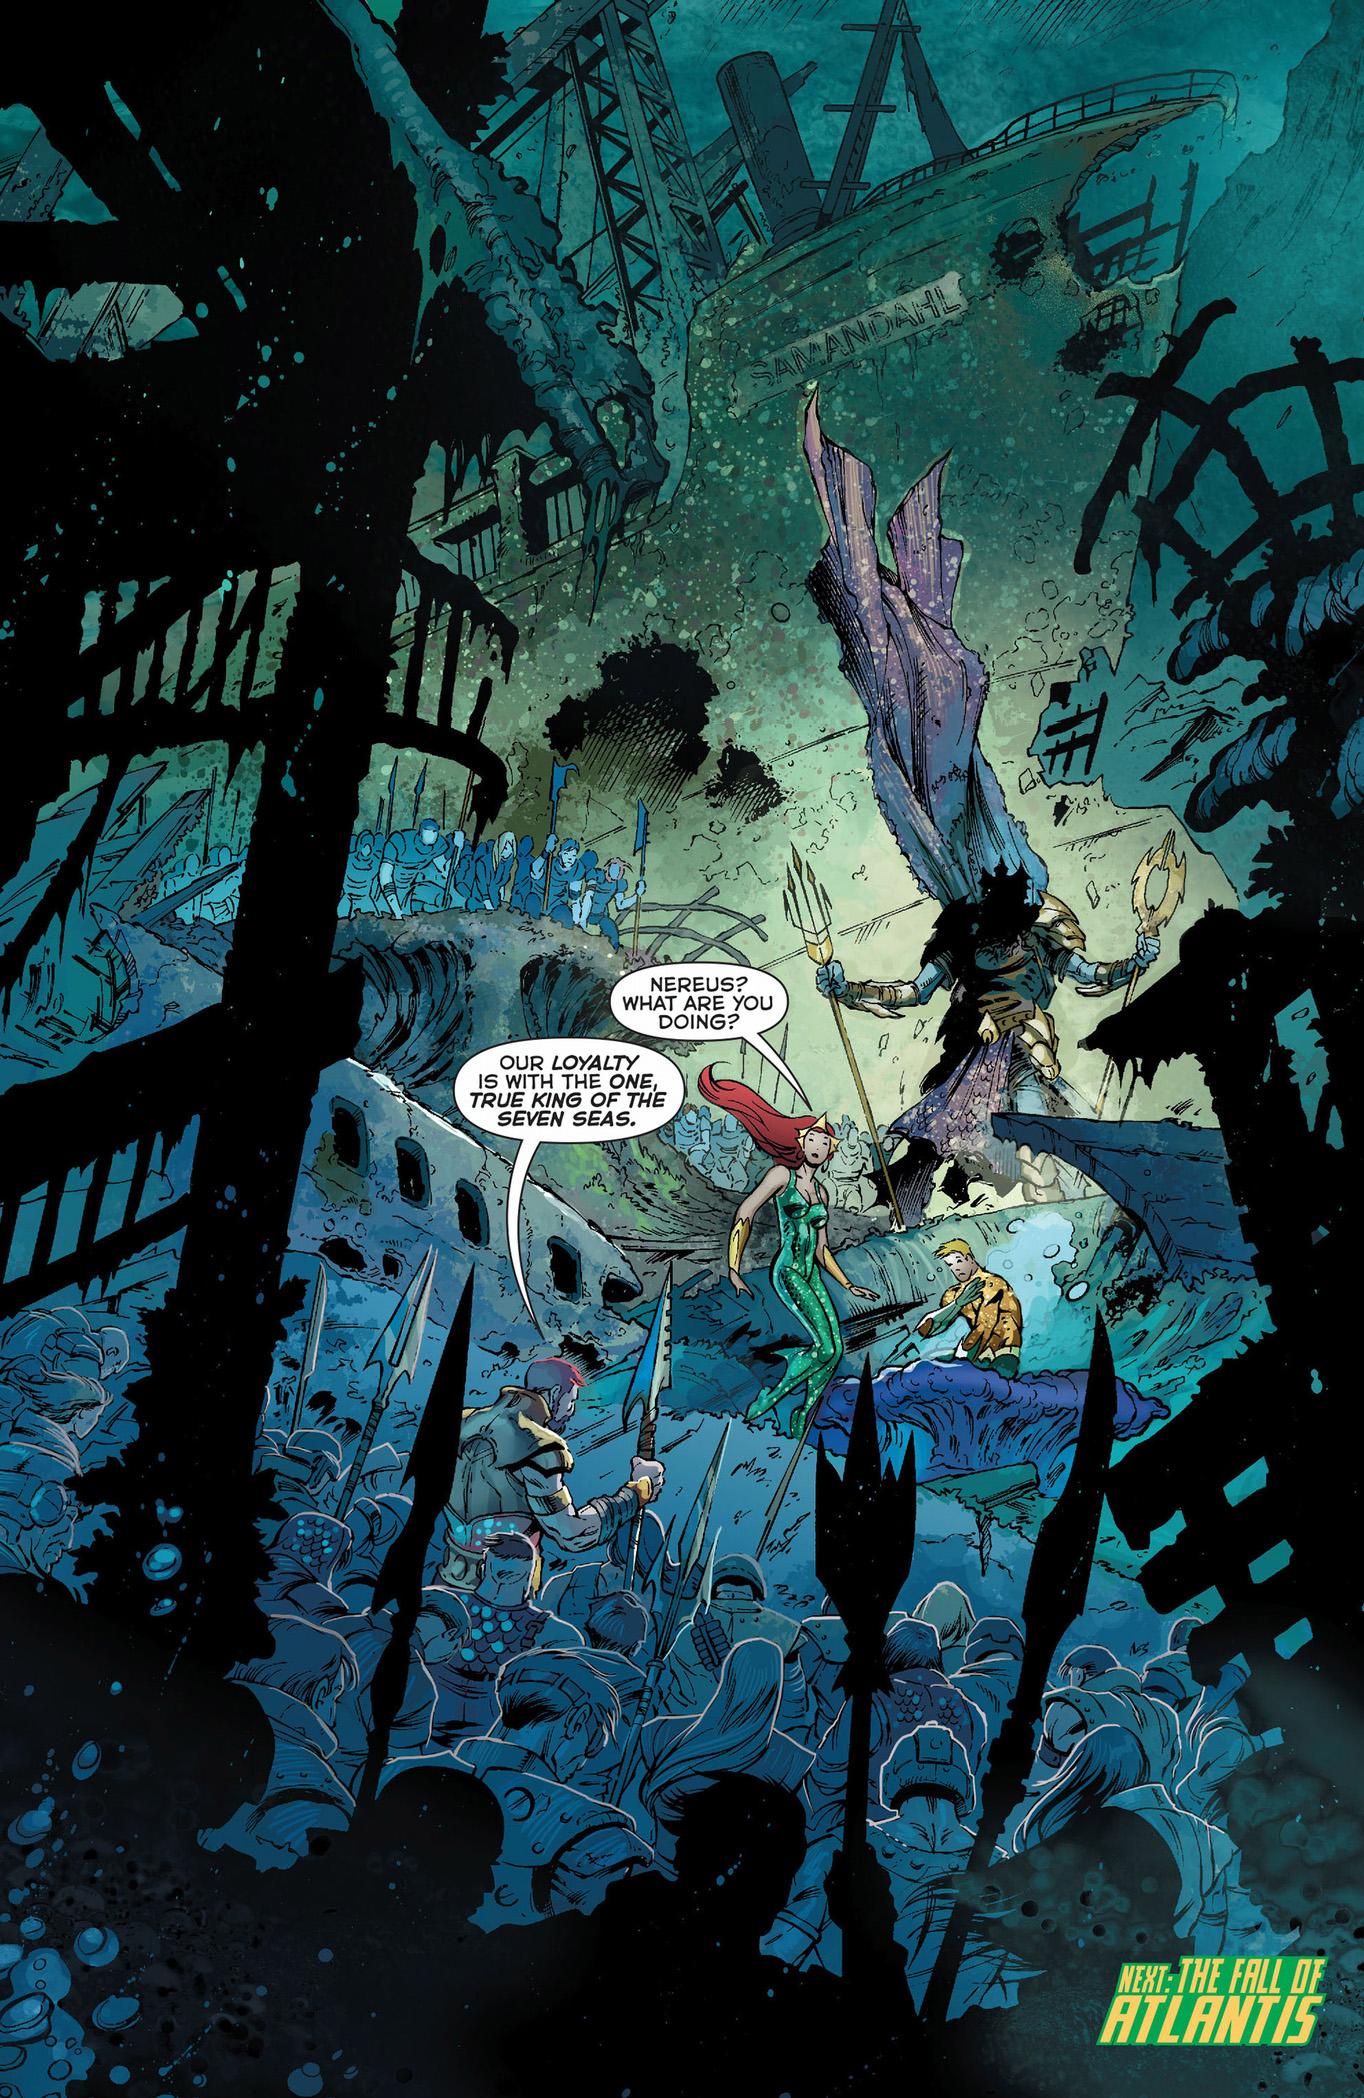 [APPEL AUX MEMBRES] Définir Atlantis sur DC-Earth Xebel-submits-to-the-dead-king-2